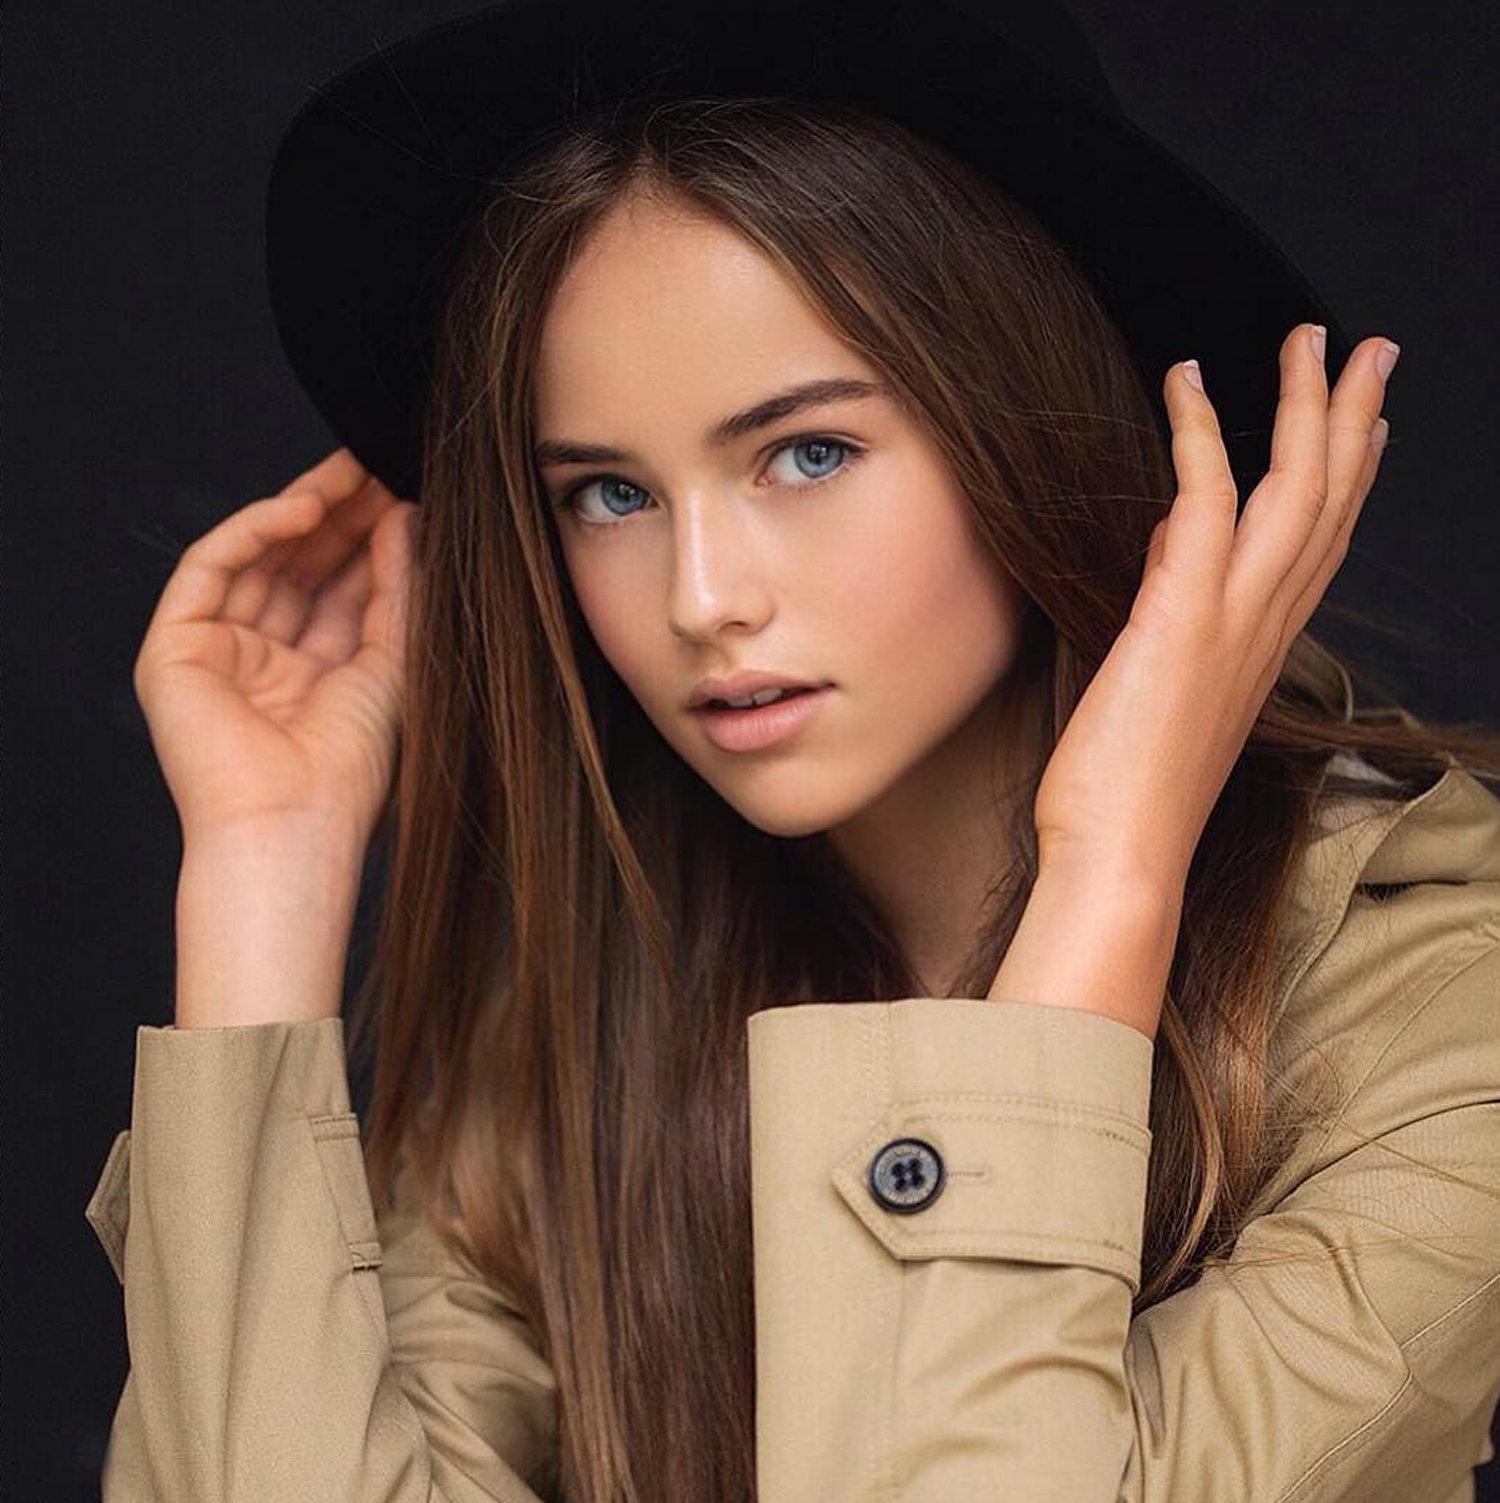 來自俄羅斯的克里斯蒂娜·皮緬諾夫